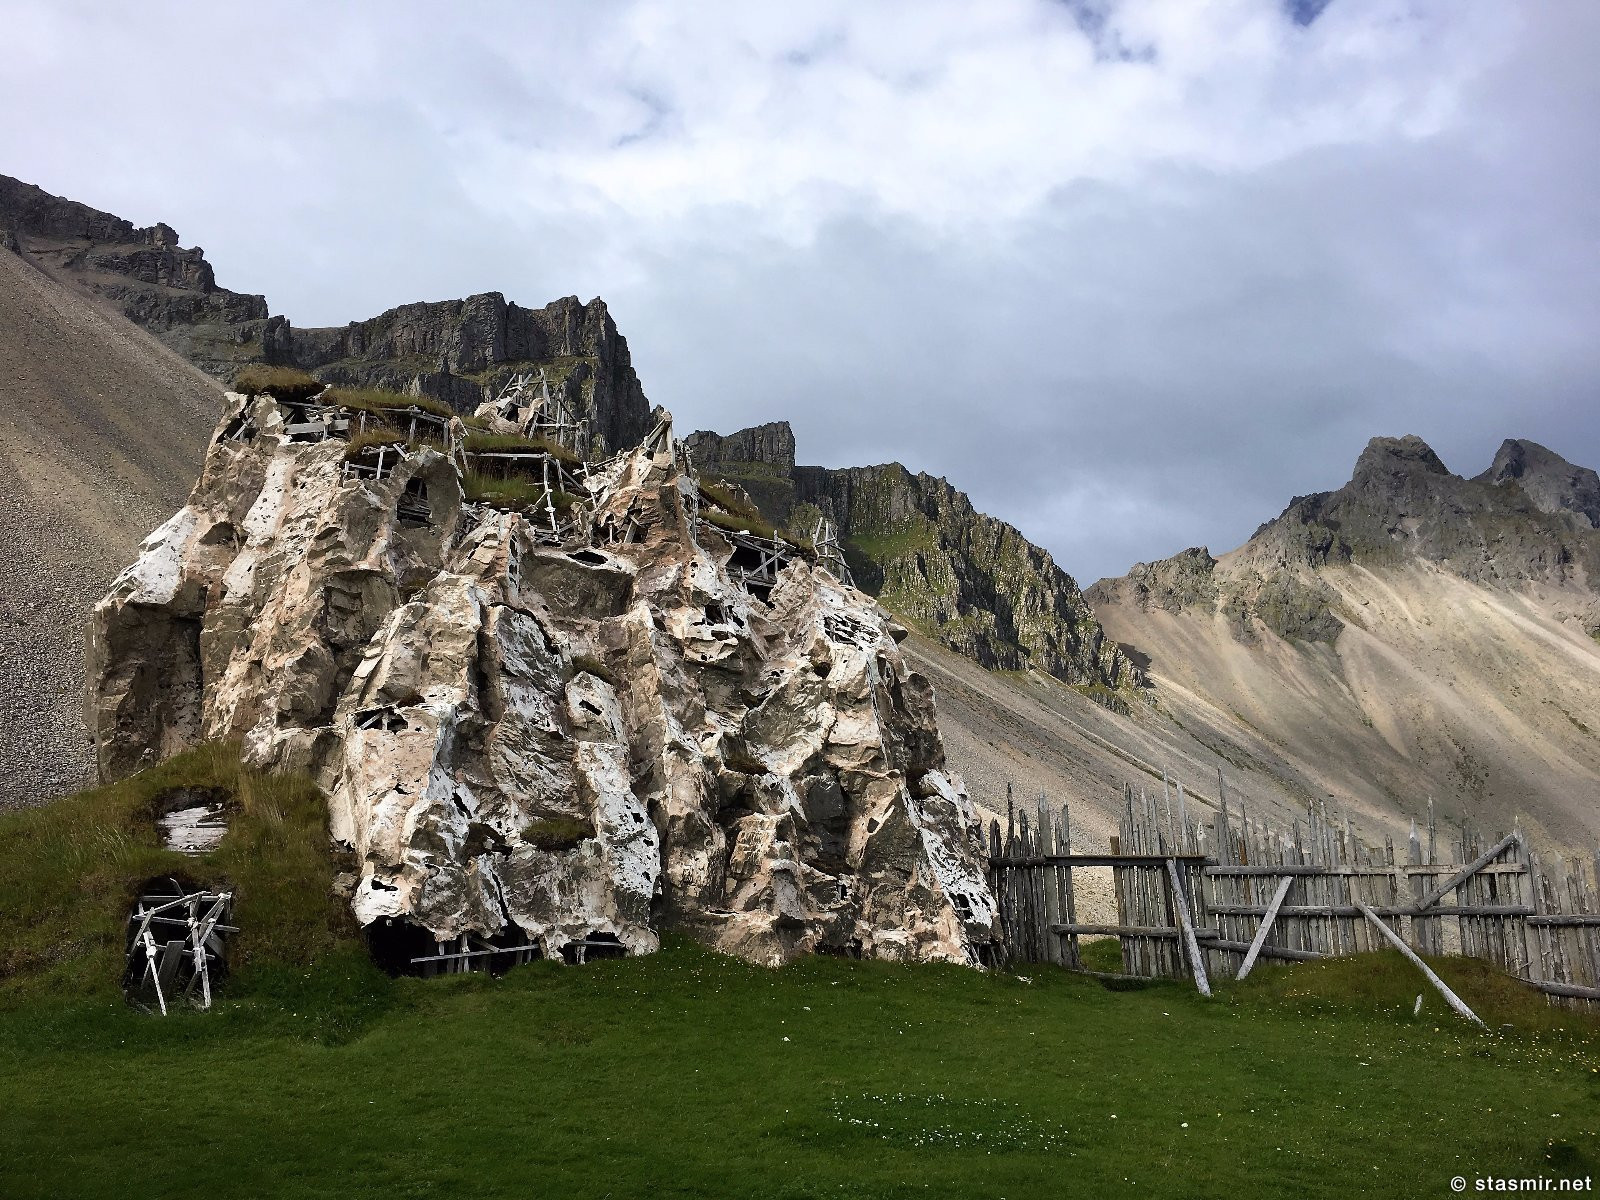 дом замаскирован под скалу для съемок фильма про викингов, сельский дом викинга, фото Стасмир, photo Stasmir